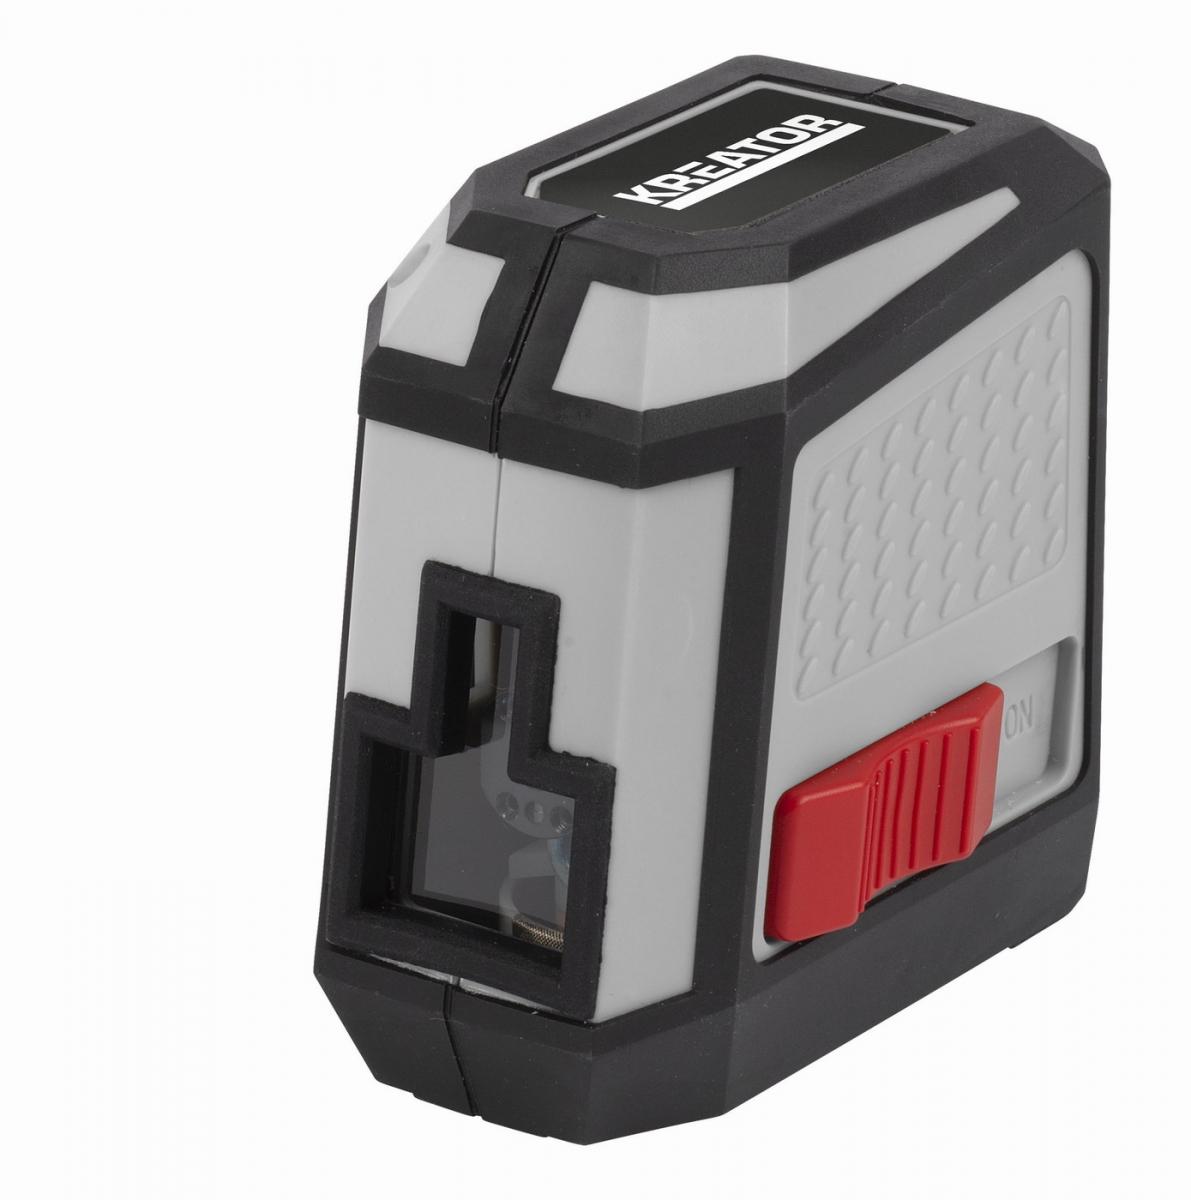 KREATOR KRT706300 Křížový laser